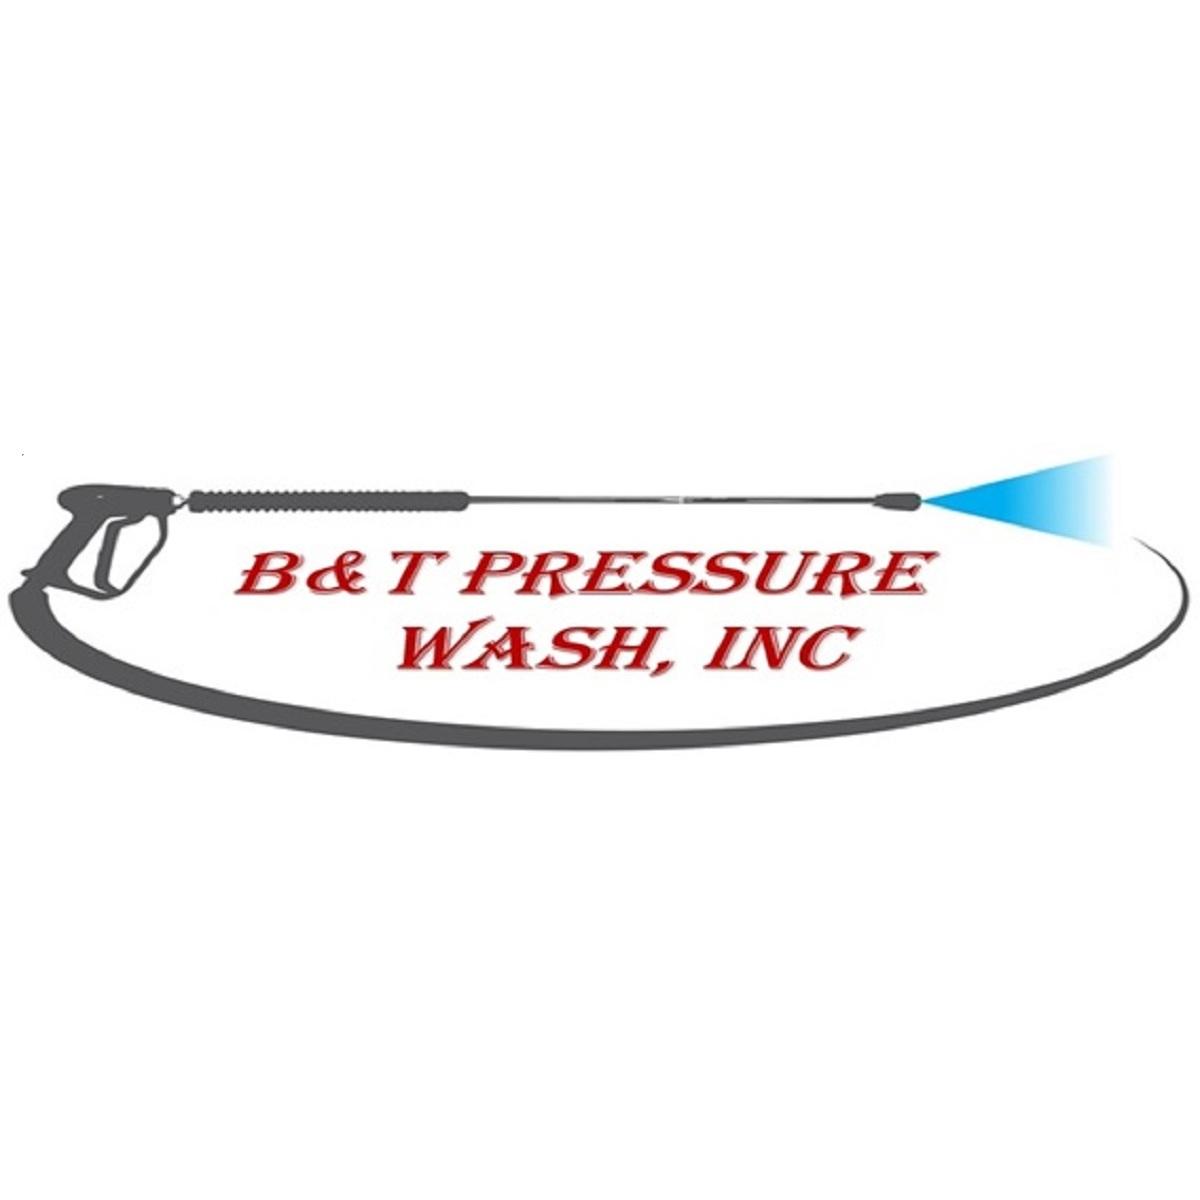 B&T Pressure Wash